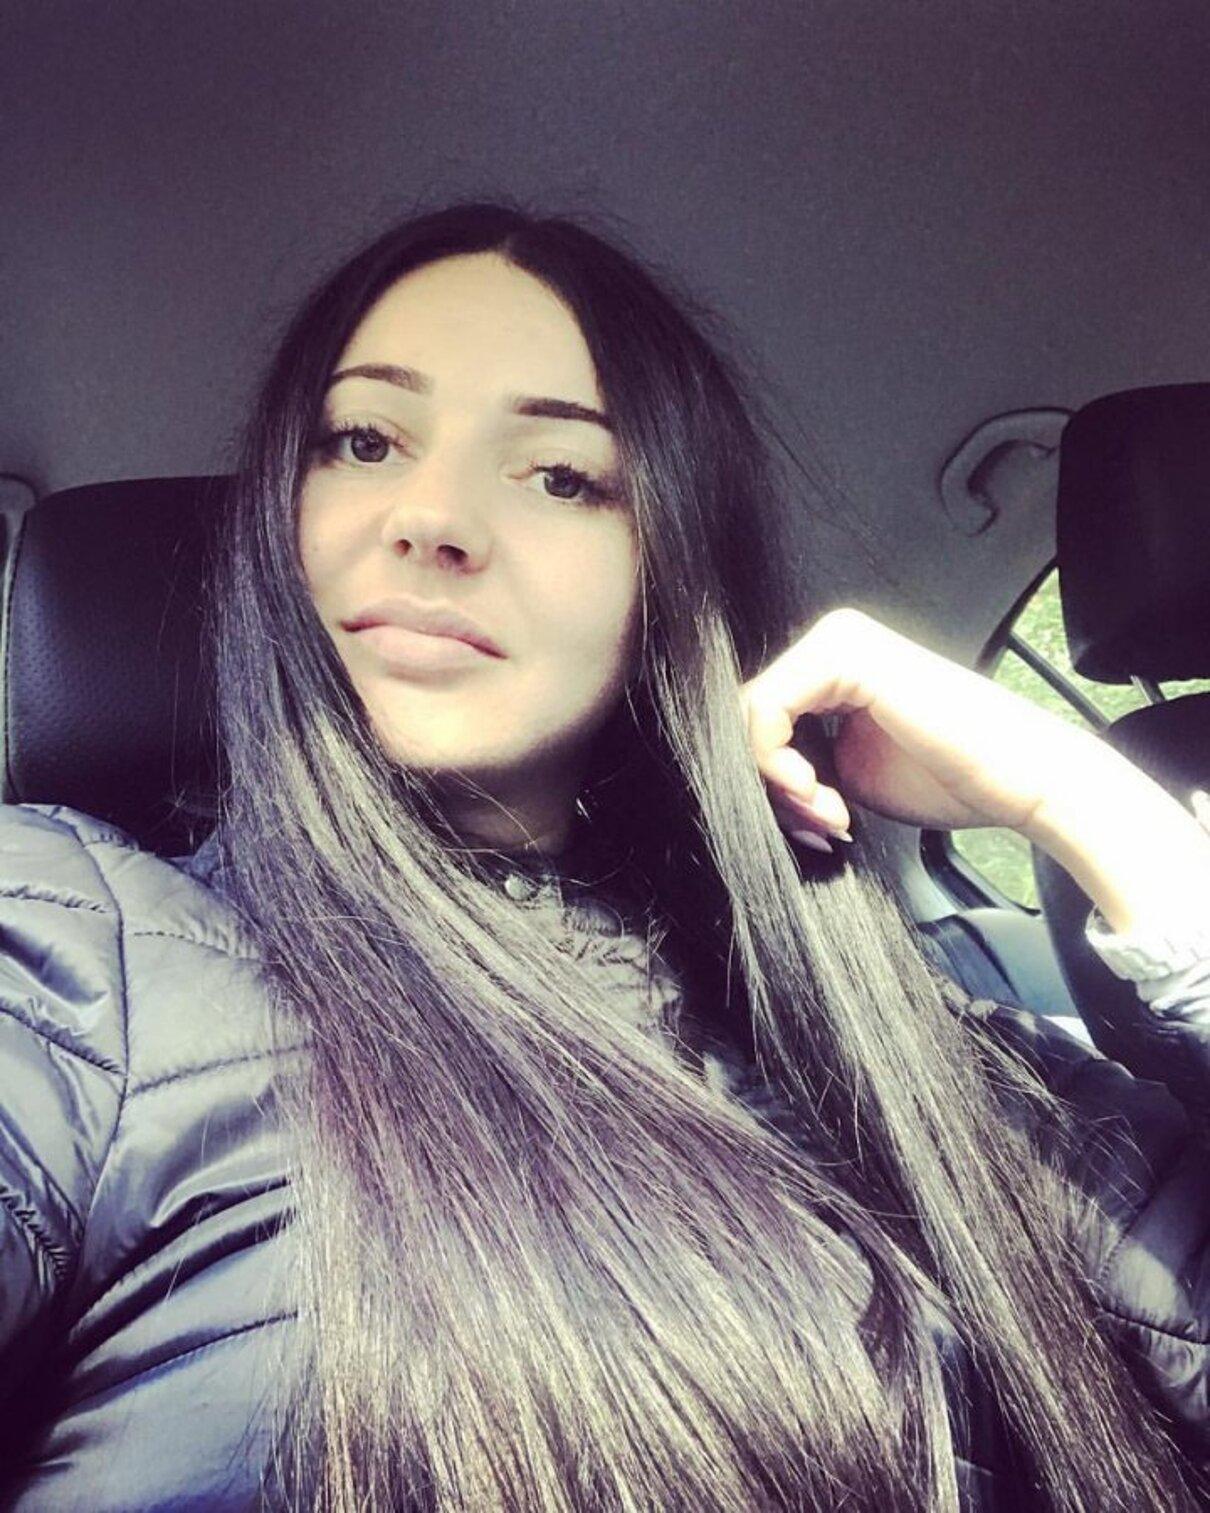 Жалоба-отзыв: Татьяна 26 лет Санкт-Петербург - Мошенница.  Фото №1